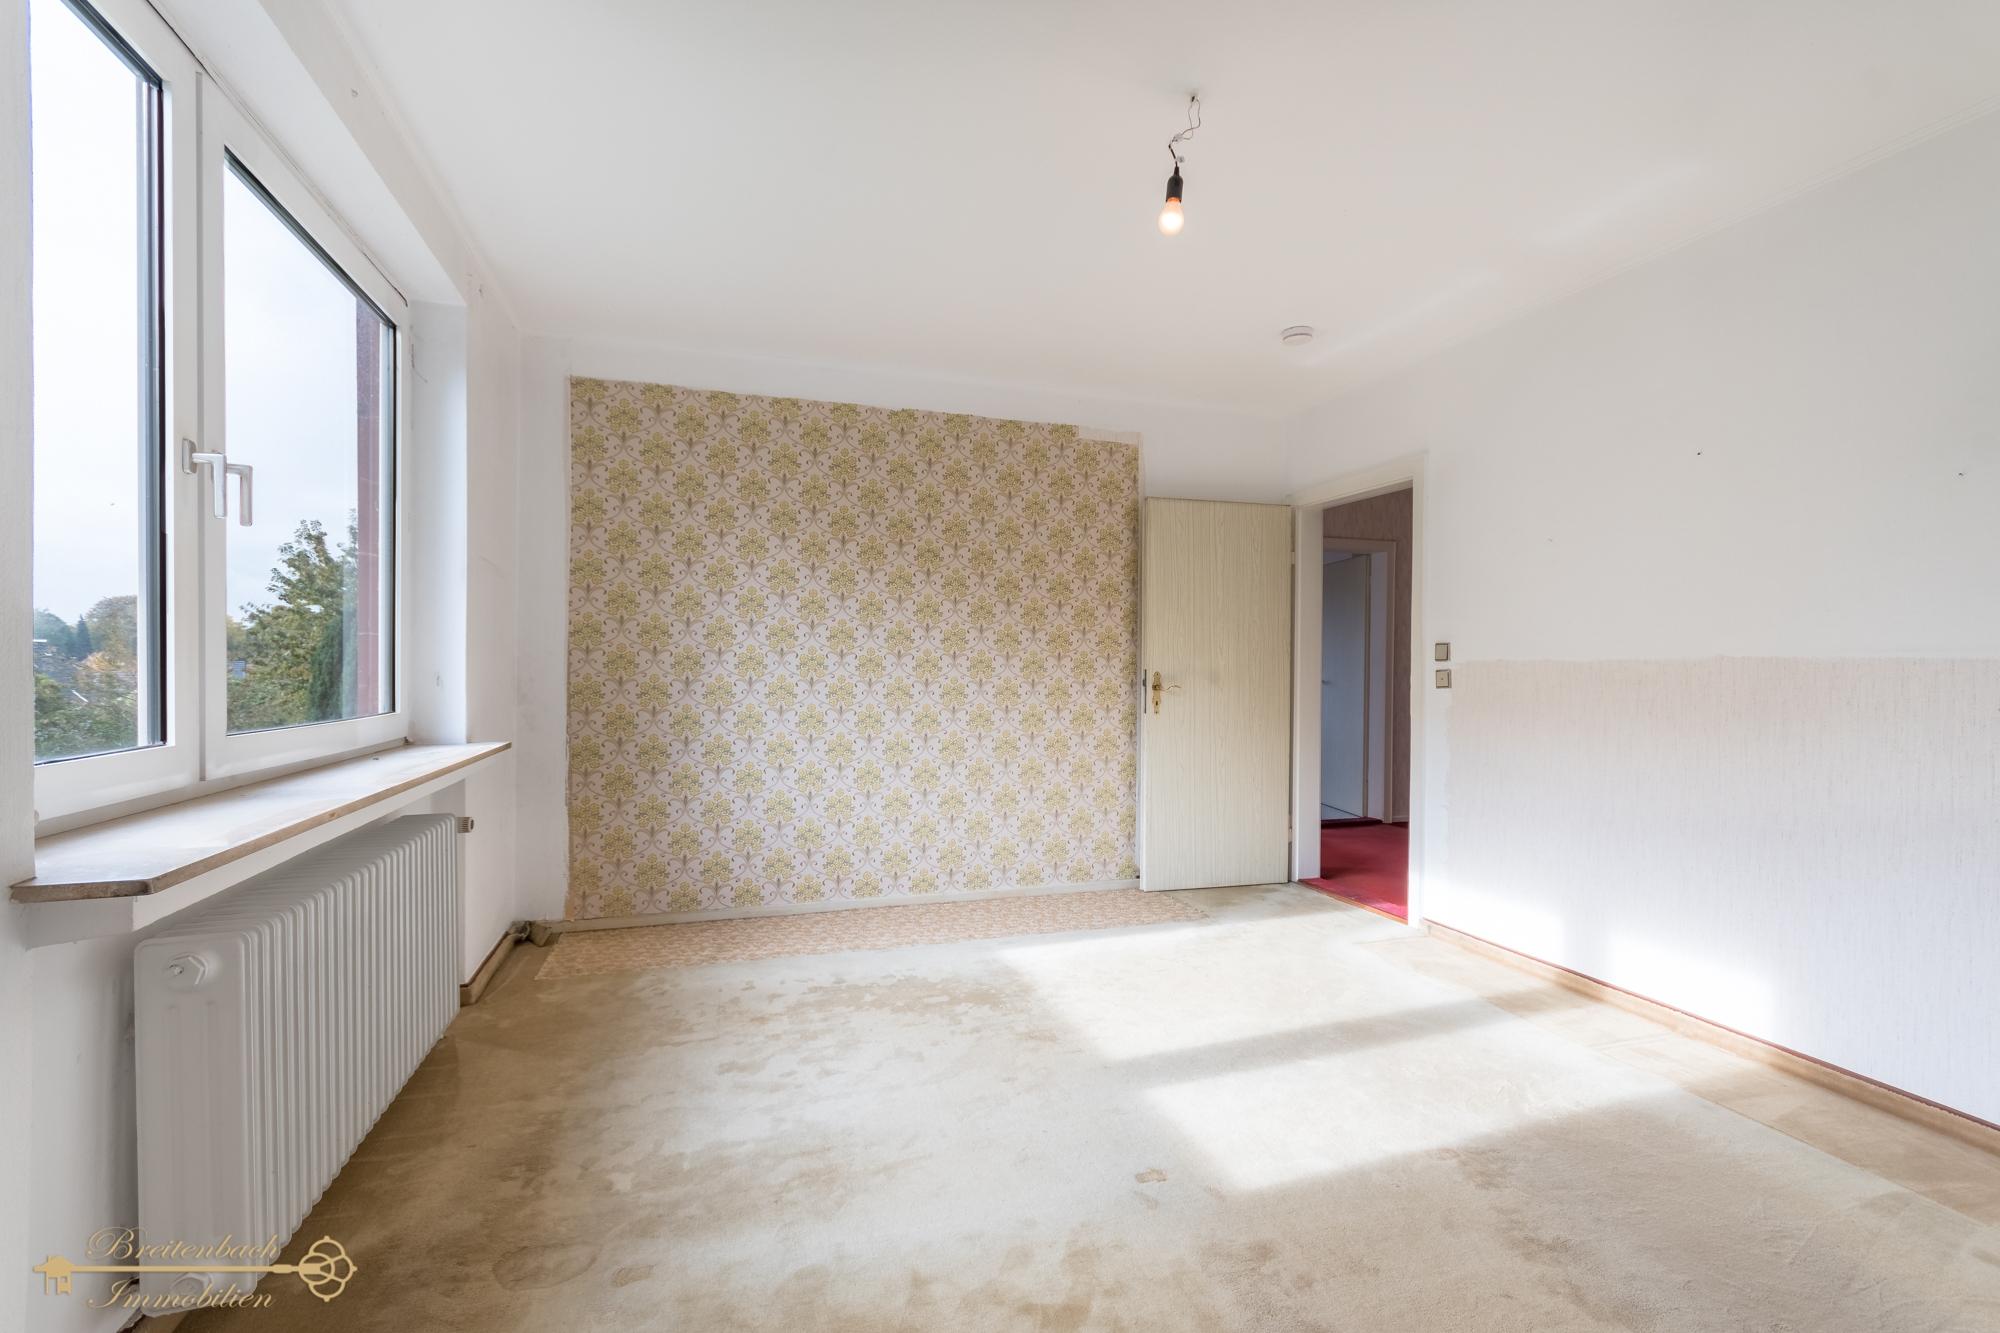 2020-10-18-Breitenbach-Immobilien-4